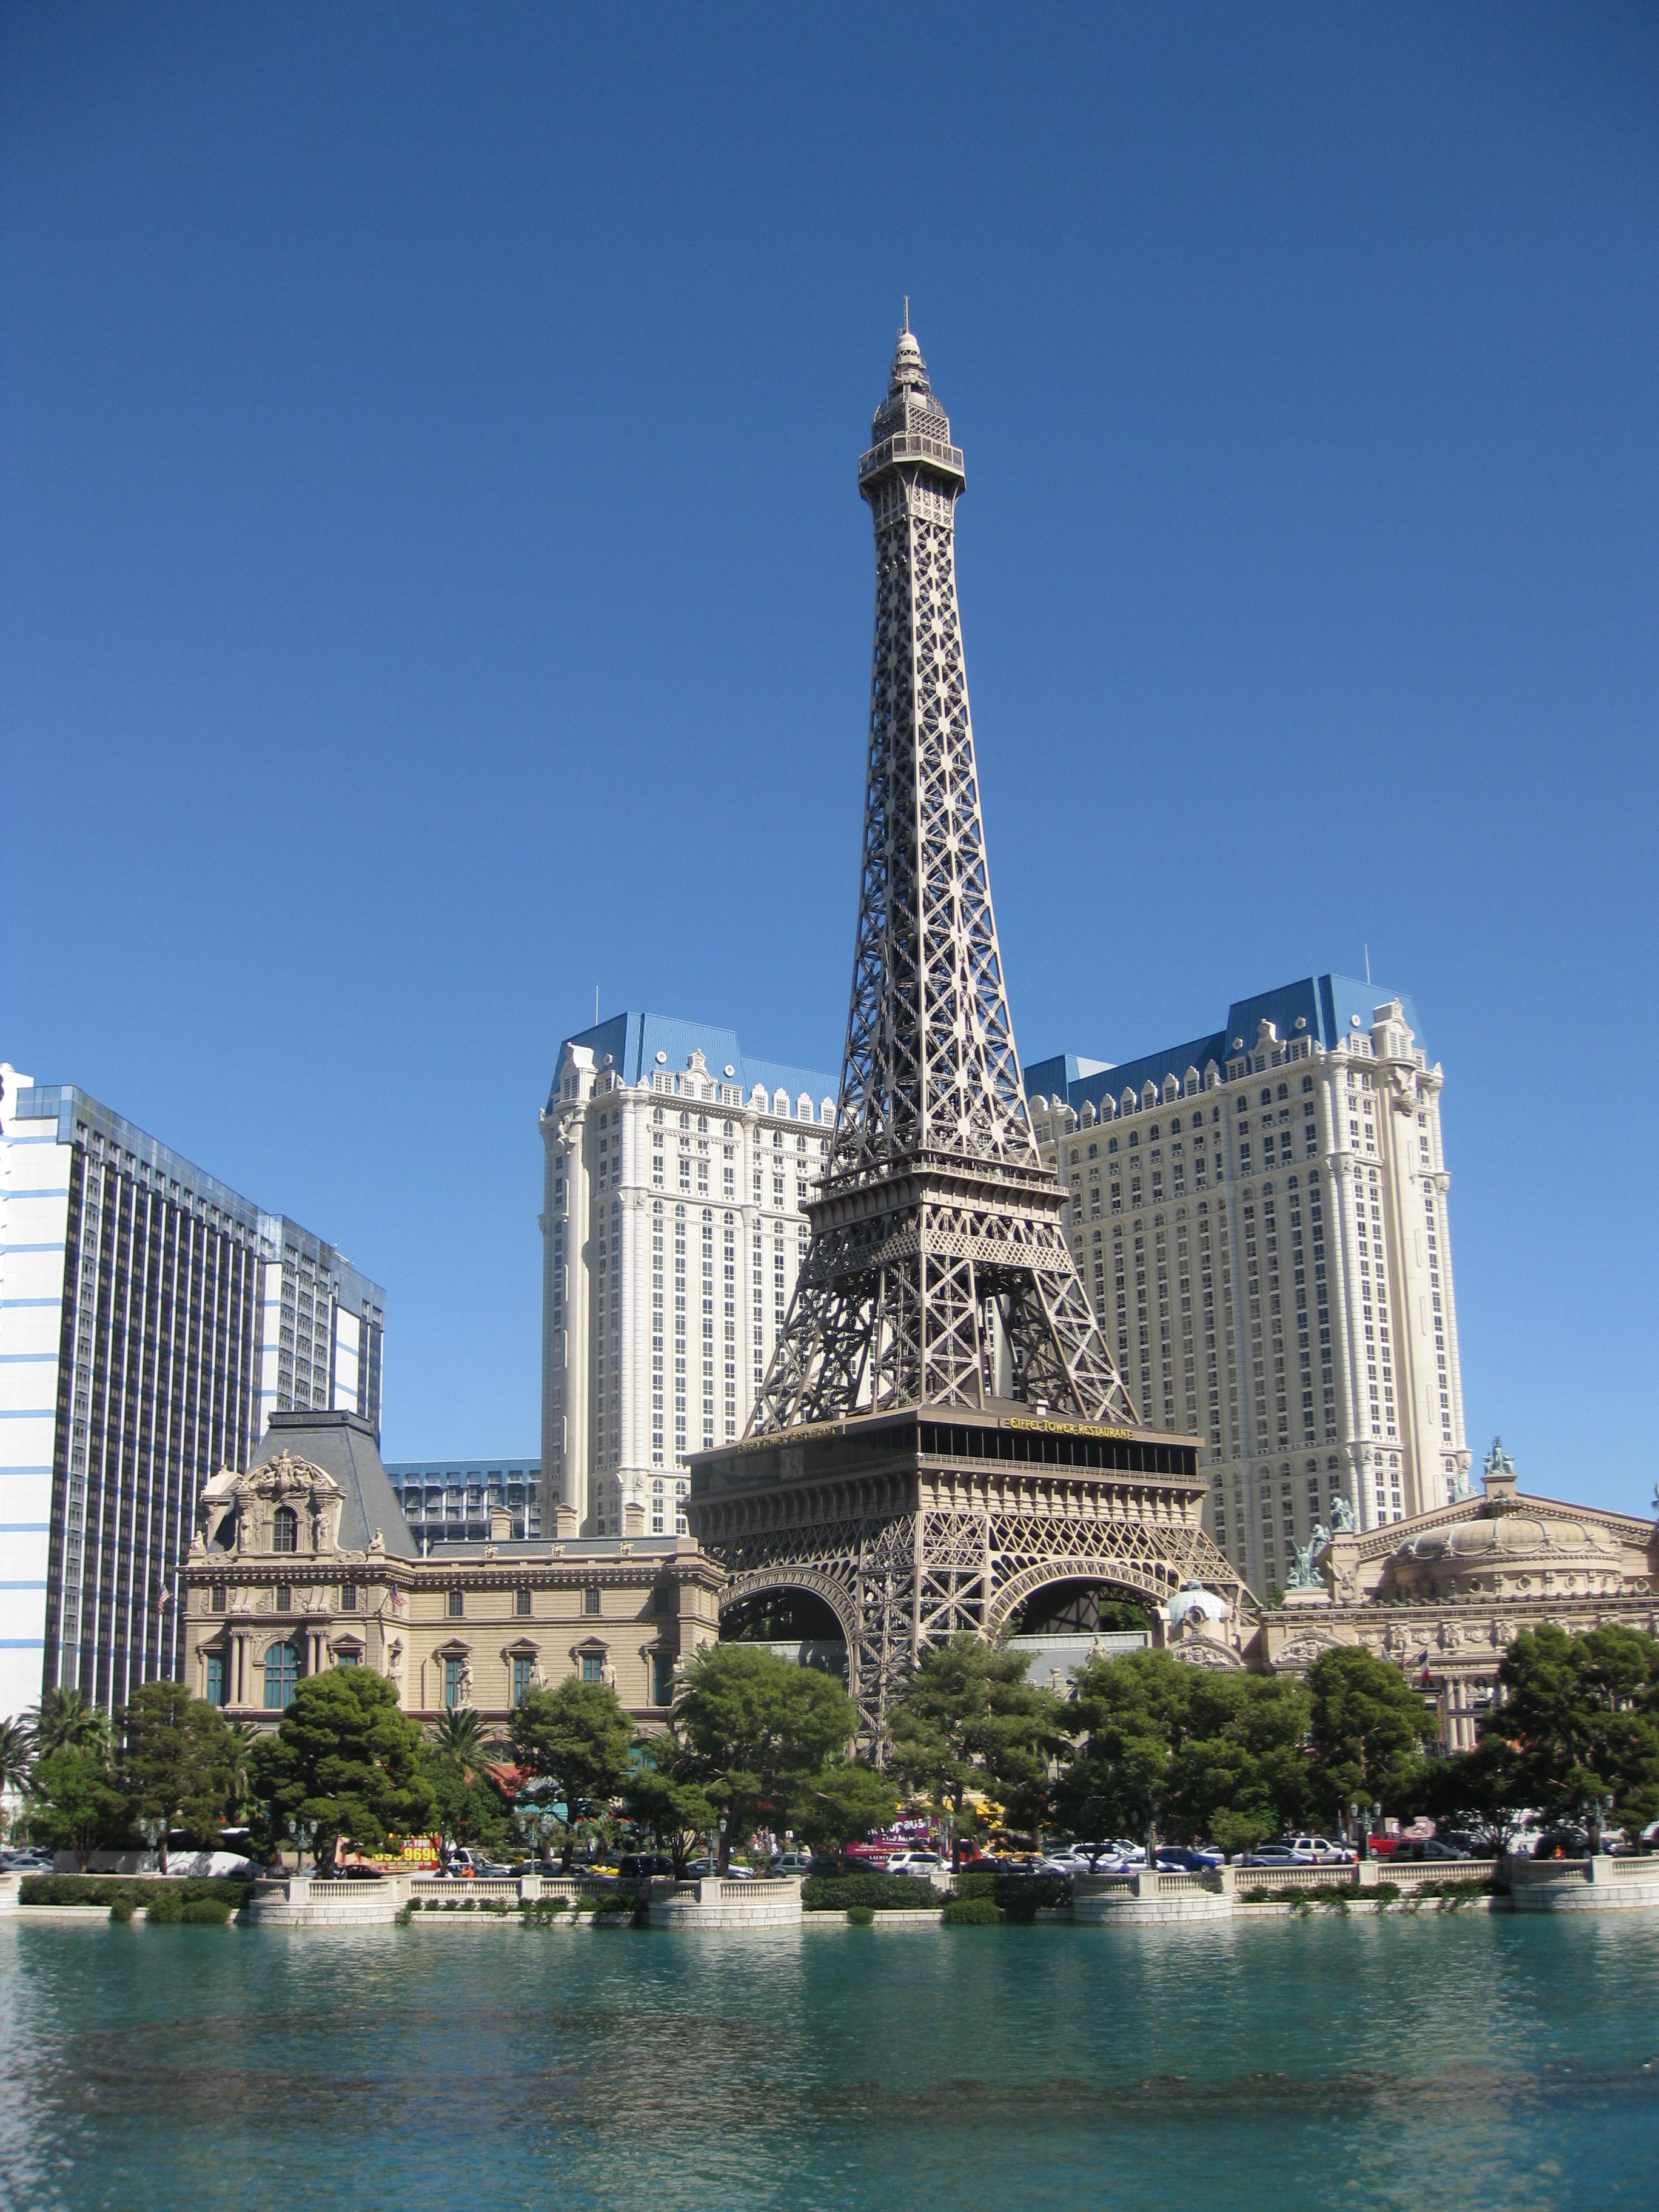 Gay paris las vegas hotel lingerie free pictures for The hotel paris